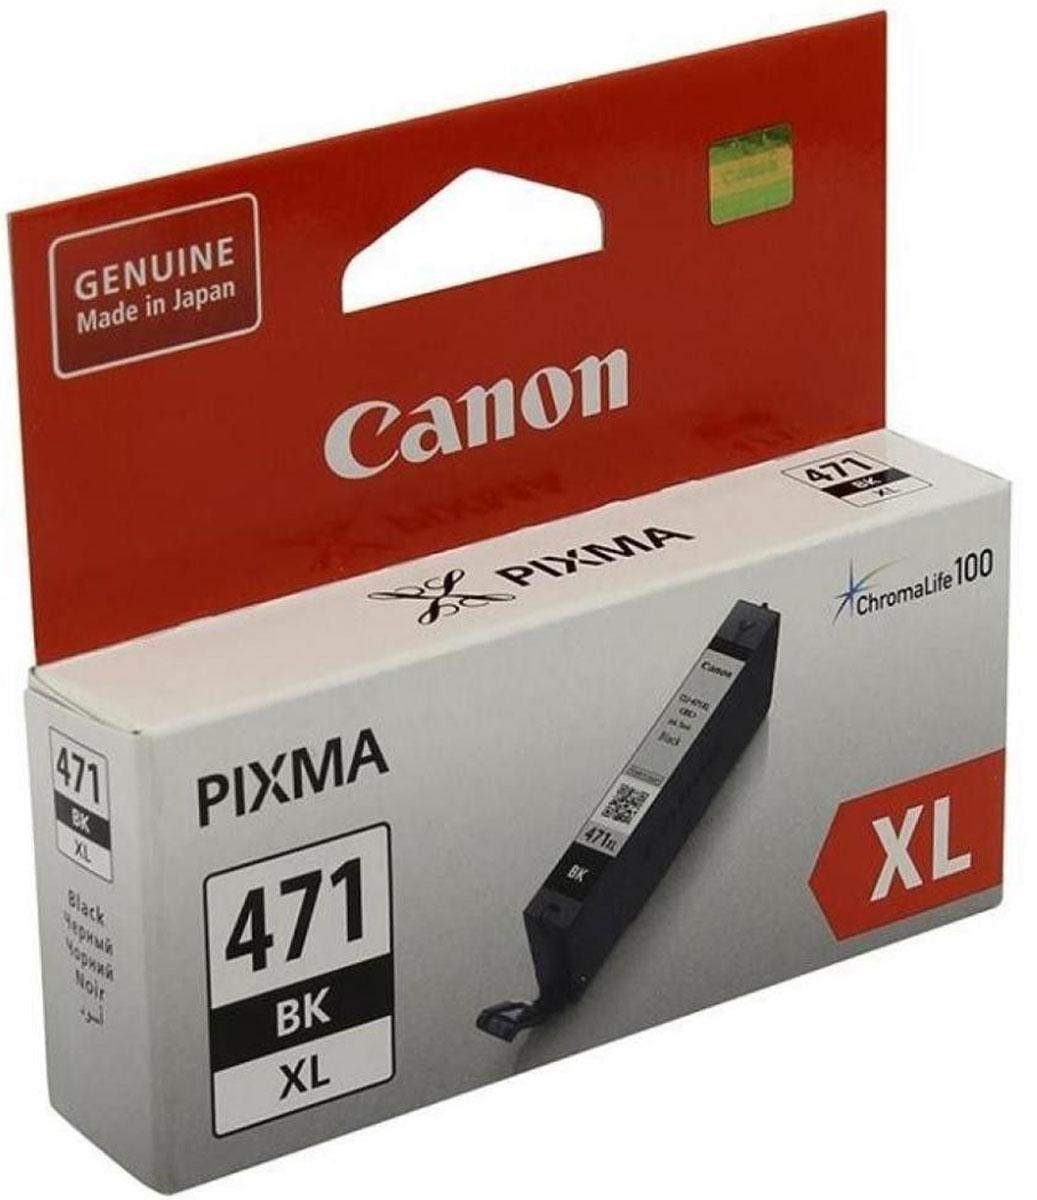 Canon CLI-471XL, Black картридж для MG5740/MG6840/MG7740/TS8040/TS9040/TS5040/TS60400346C001Эта чернильница с черными чернилами и увеличенным ресурсом позволяет увеличить объем печати до 2 раз по сравнению с чернильницей стандартного объема. Черные чернила с технологией ChromaLifelOO используются для печати фотографий. Эта чернильница объемом 11 мл позволяет вывести на печать до 810 цветных фотографий формата 10x15 см.